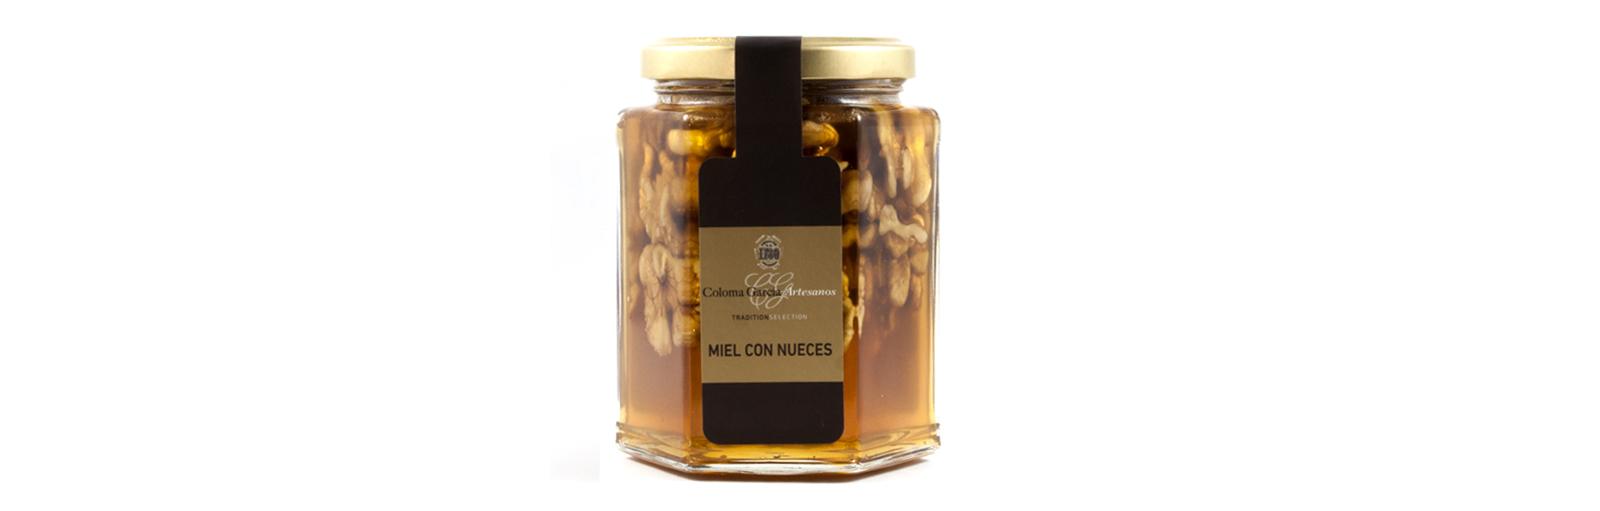 miel-con-nueces